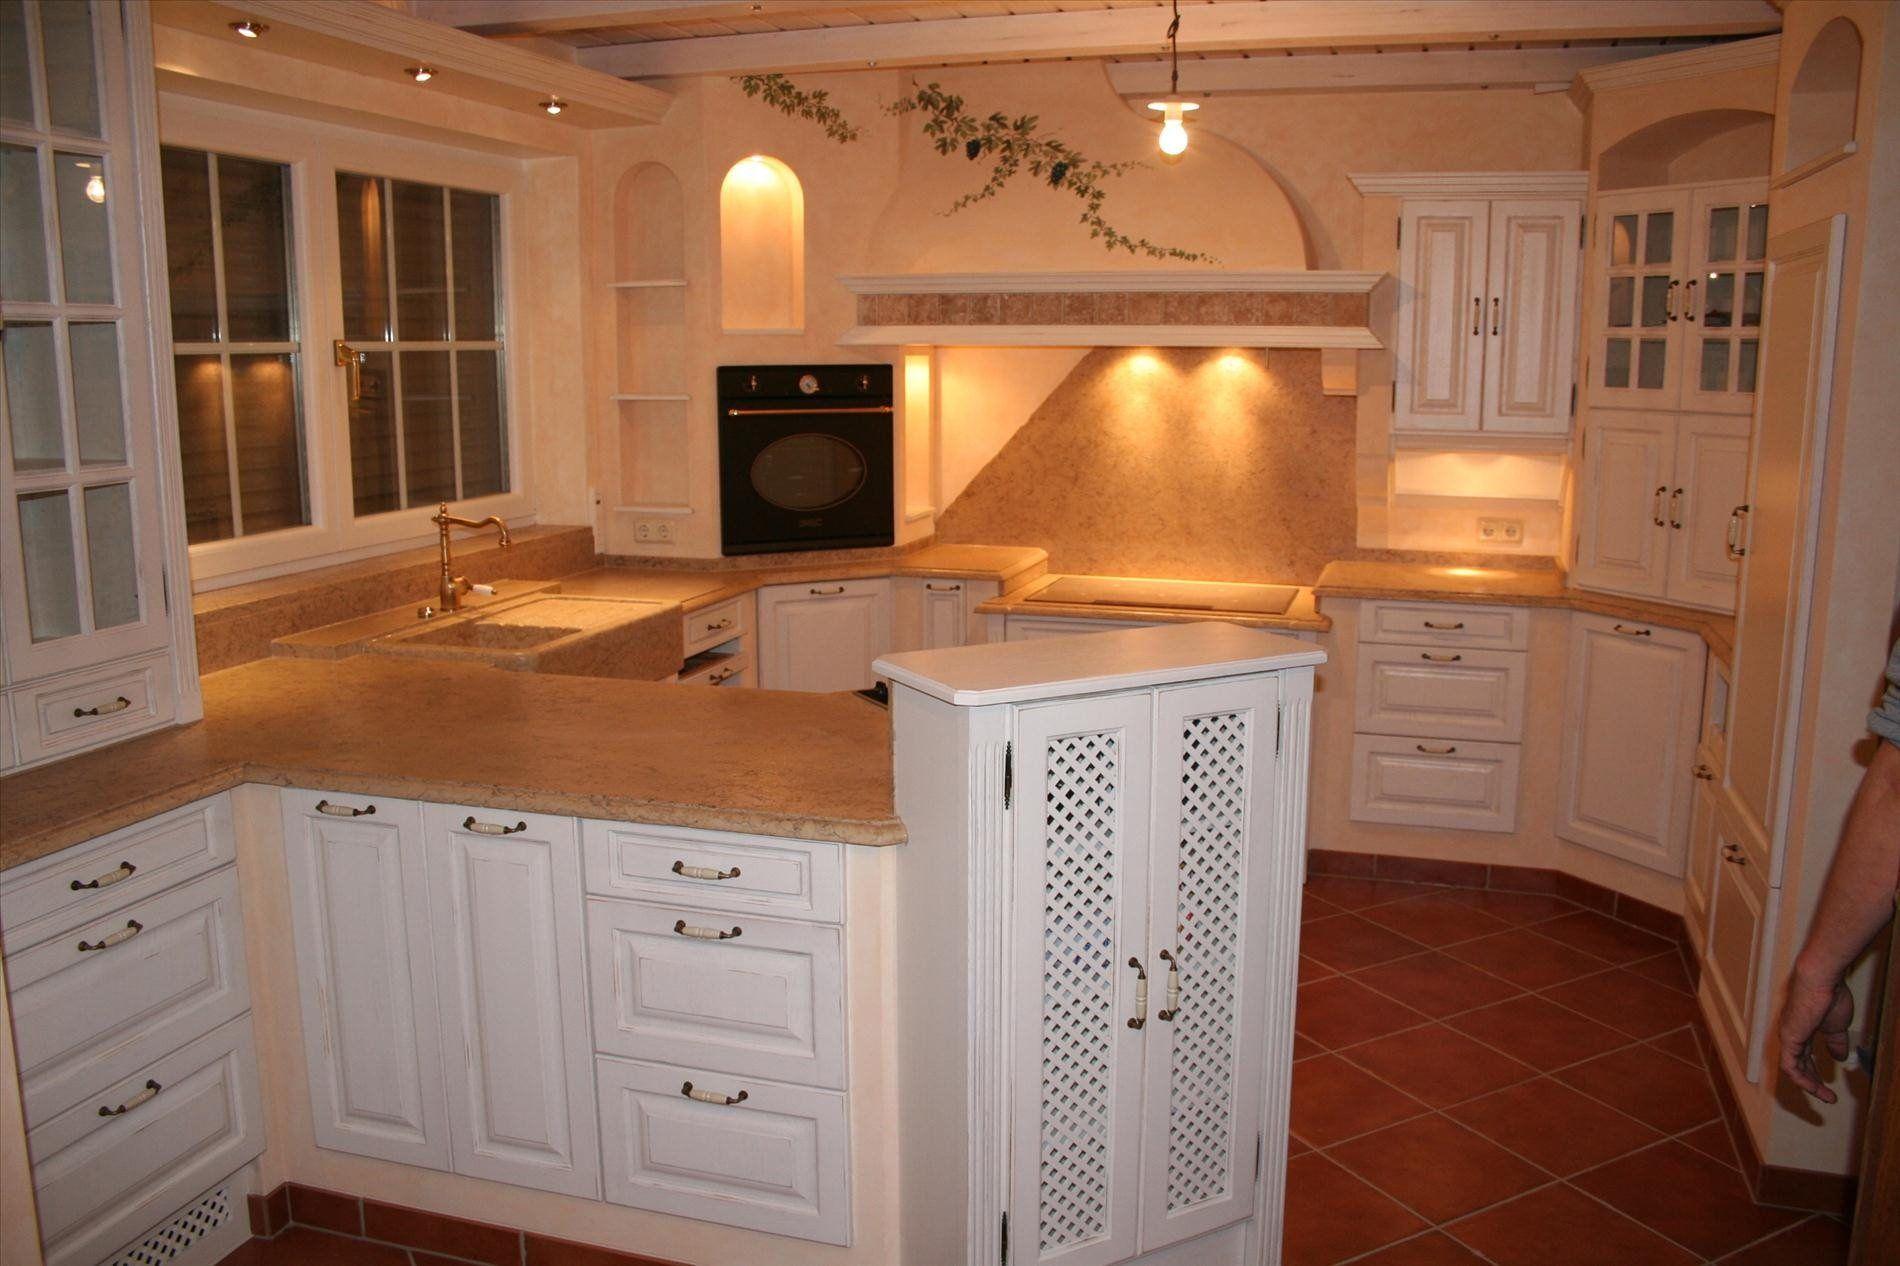 Bezaubernd Küche Mediterran Dekoration Von Kuchen, Mediterran, Moderne Küche, Küchen Ideen, Offers